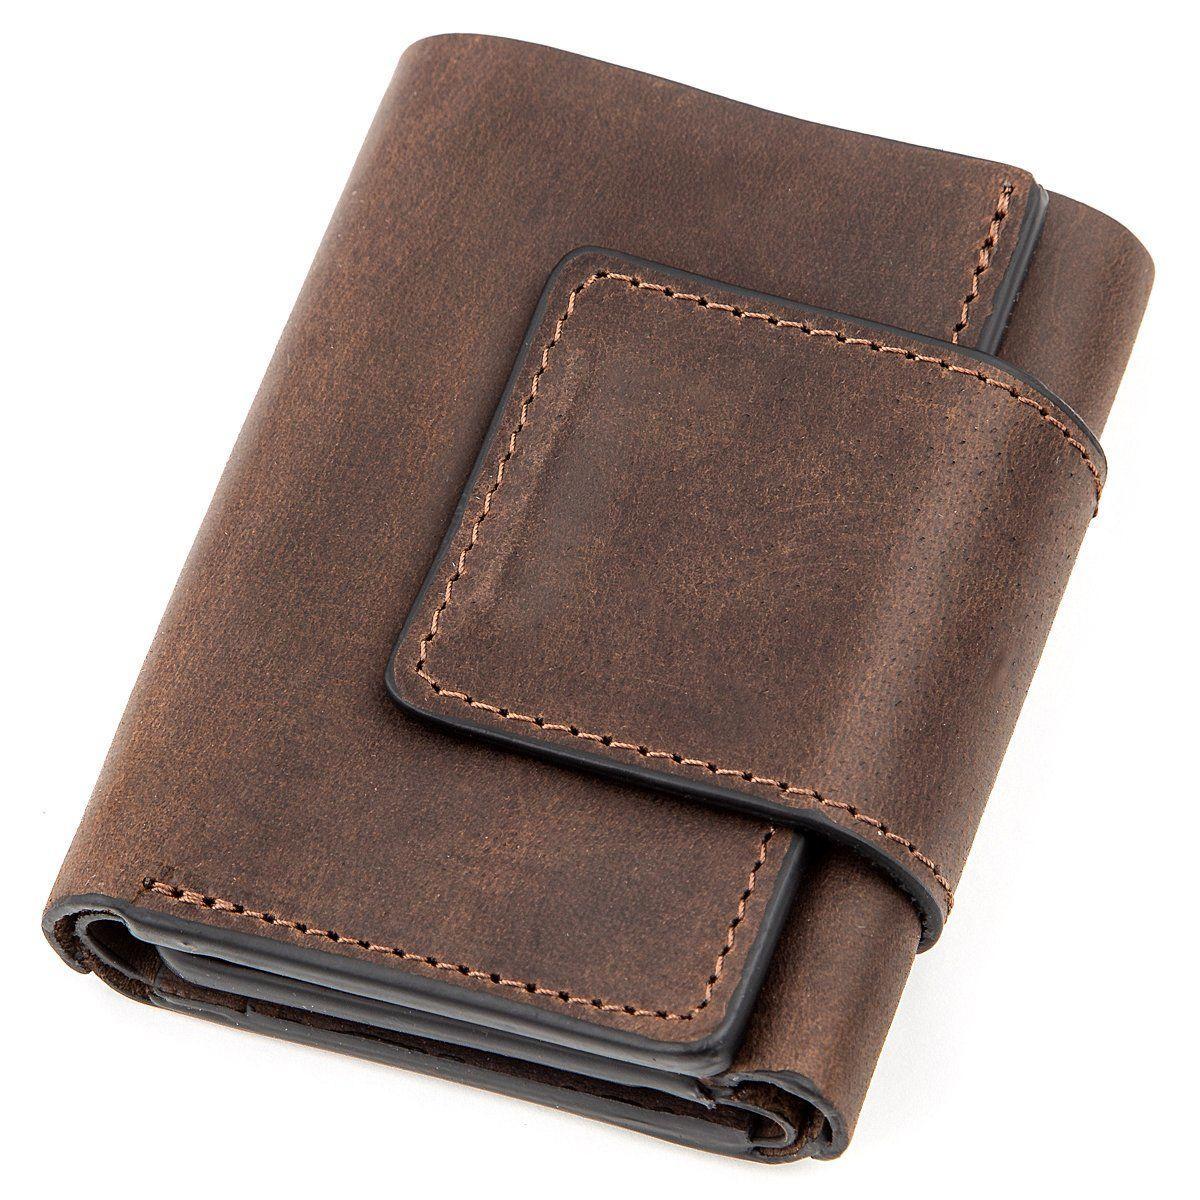 Строгое портмоне унисекс в винтажном стиле GRANDE PELLE 11151 Коричневое